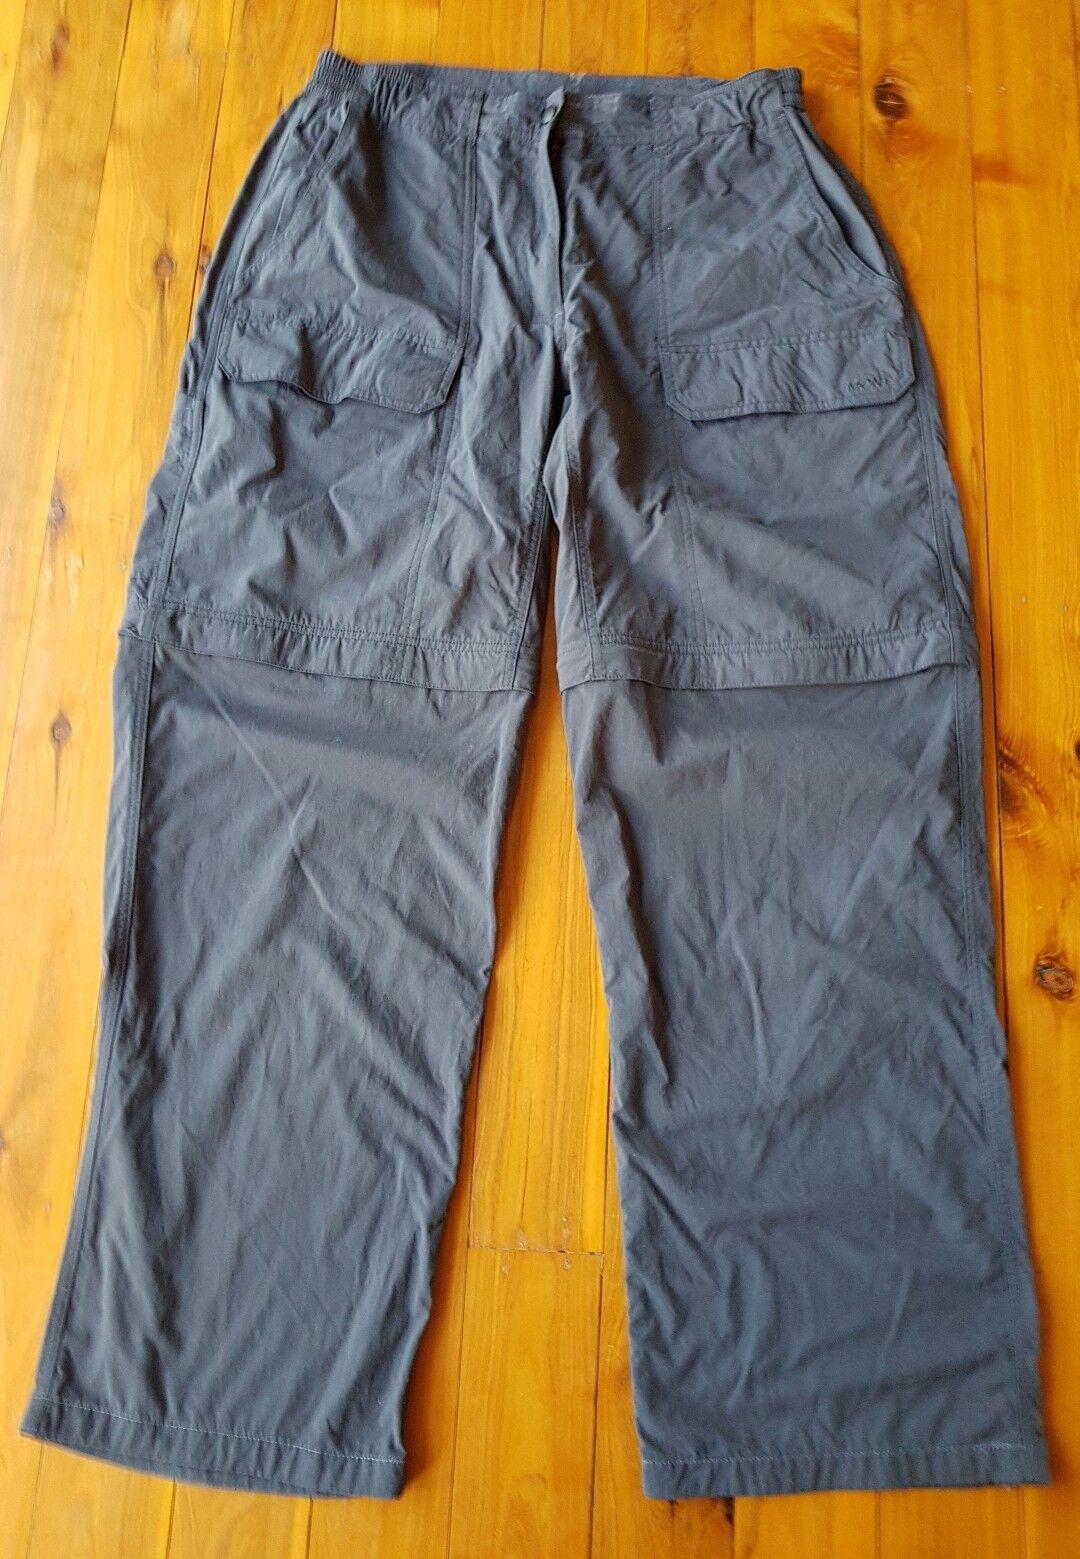 MONT Adventure Charcaol Lifestyle Zip-Off  Pants Size 14